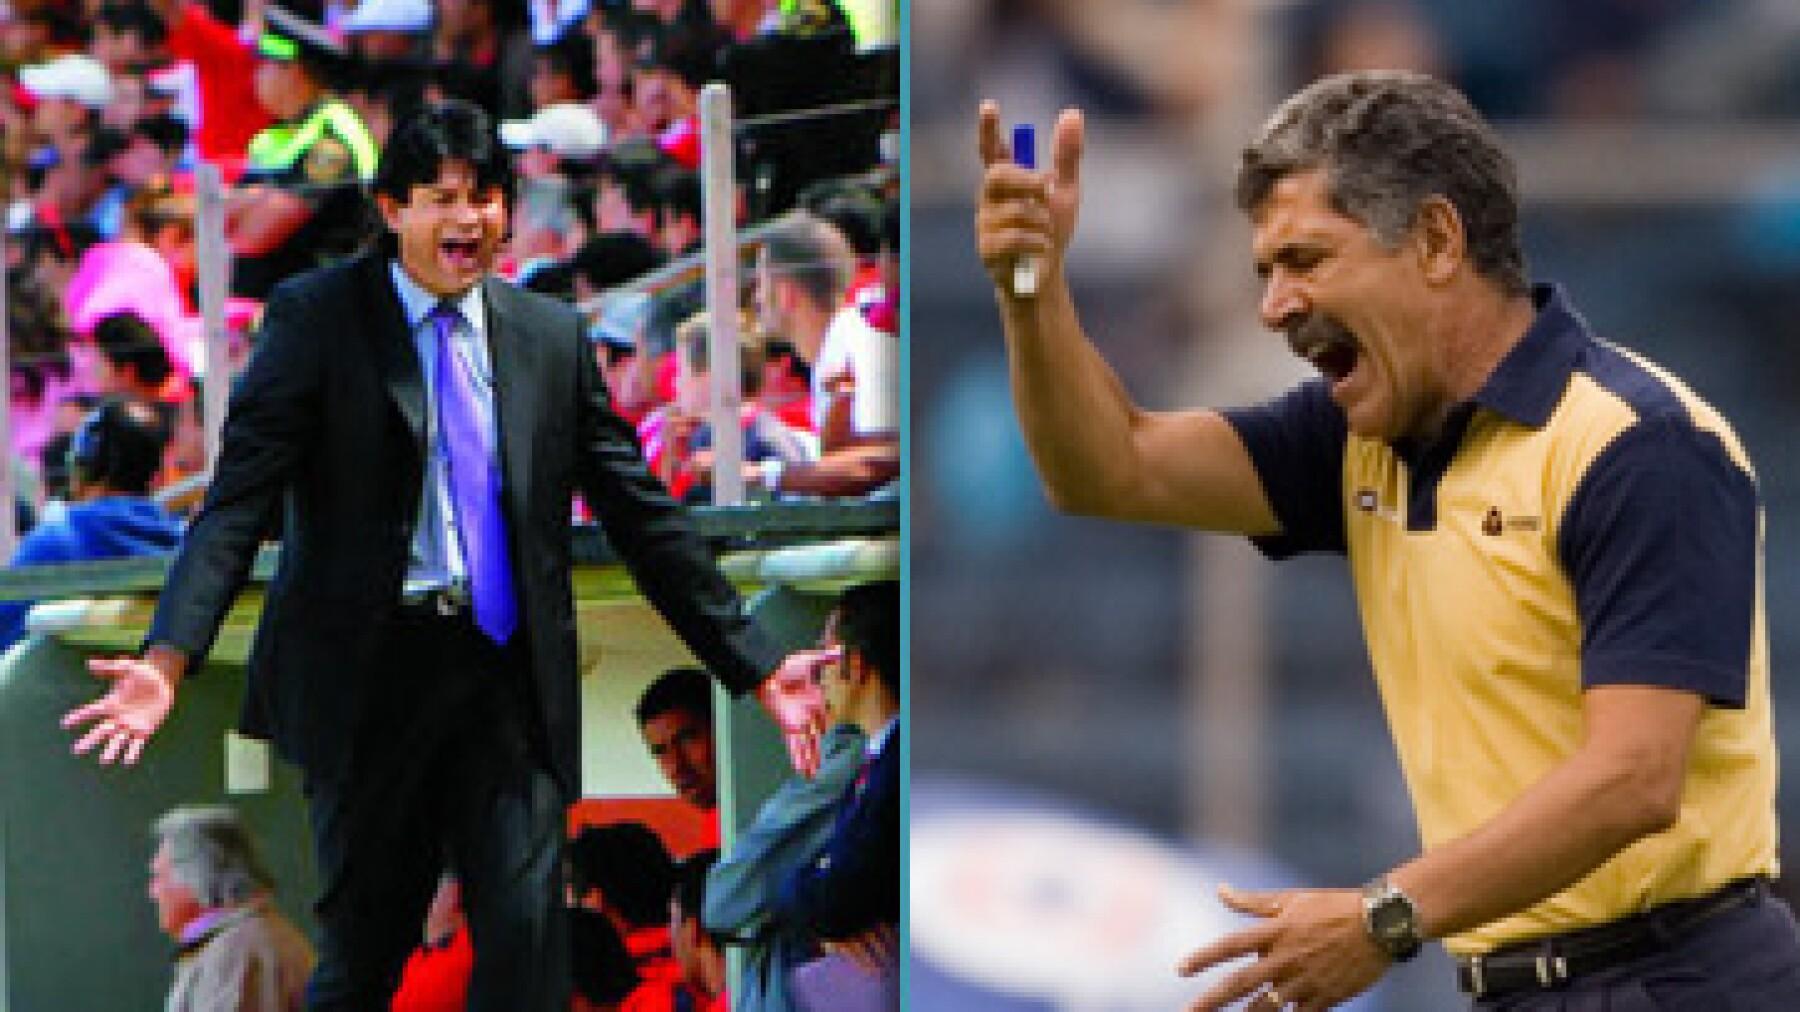 El director técnico de los Tigres de Nuevo León, Ricardo Ferreti, acusó a su colega, el director técnico de los Gallos de Querétaro, José Saturnino Cardozo, de hacerle amenazas de muerte. (Foto: Especial)